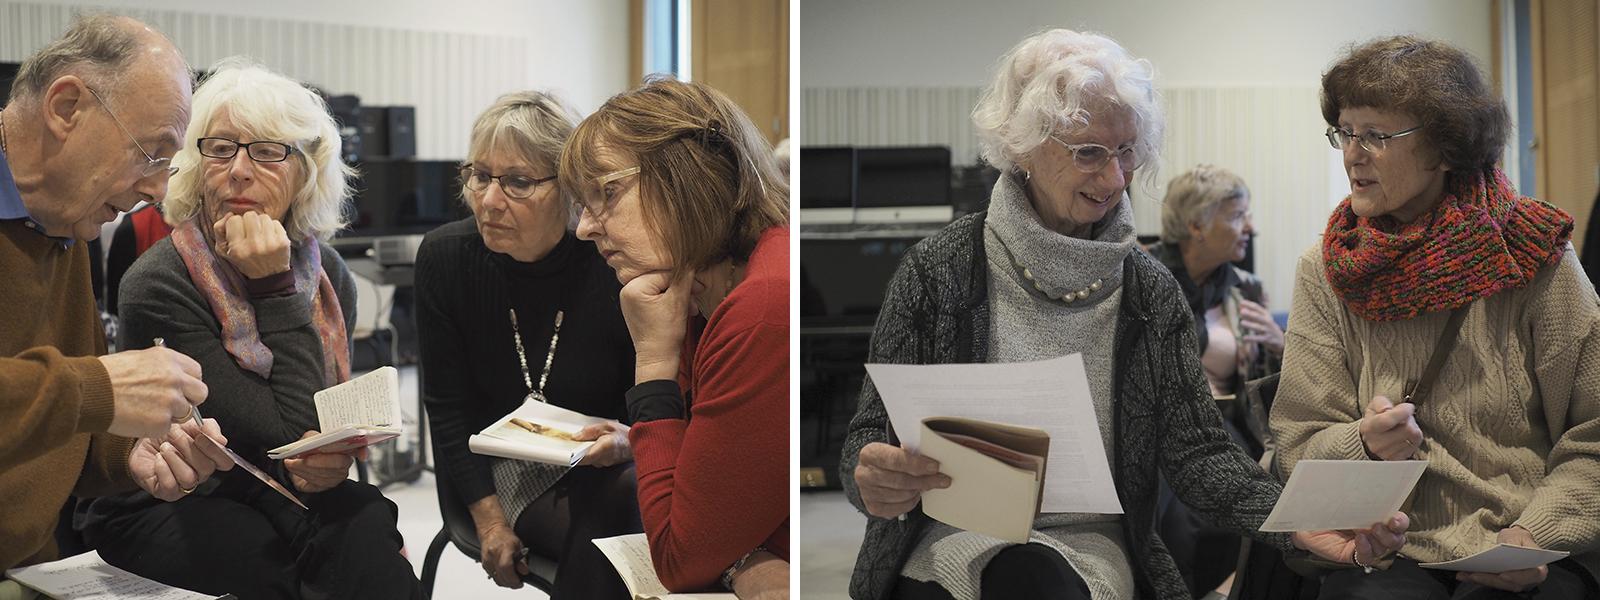 CollegeFilosofie en Kunst|| Kunstbedrijf Arnhem, Zorg en Welzijn ||Kunstcafé College 2 || 10 november2016 || Deelnemers maken kennis metde begrippenwaarnemen en beleving. Deze vaardigheden stellen hen in staat om, tijdens het tweede collegeVTS-les-is-meer,te werken met de methode Visual Thinking Strategies.